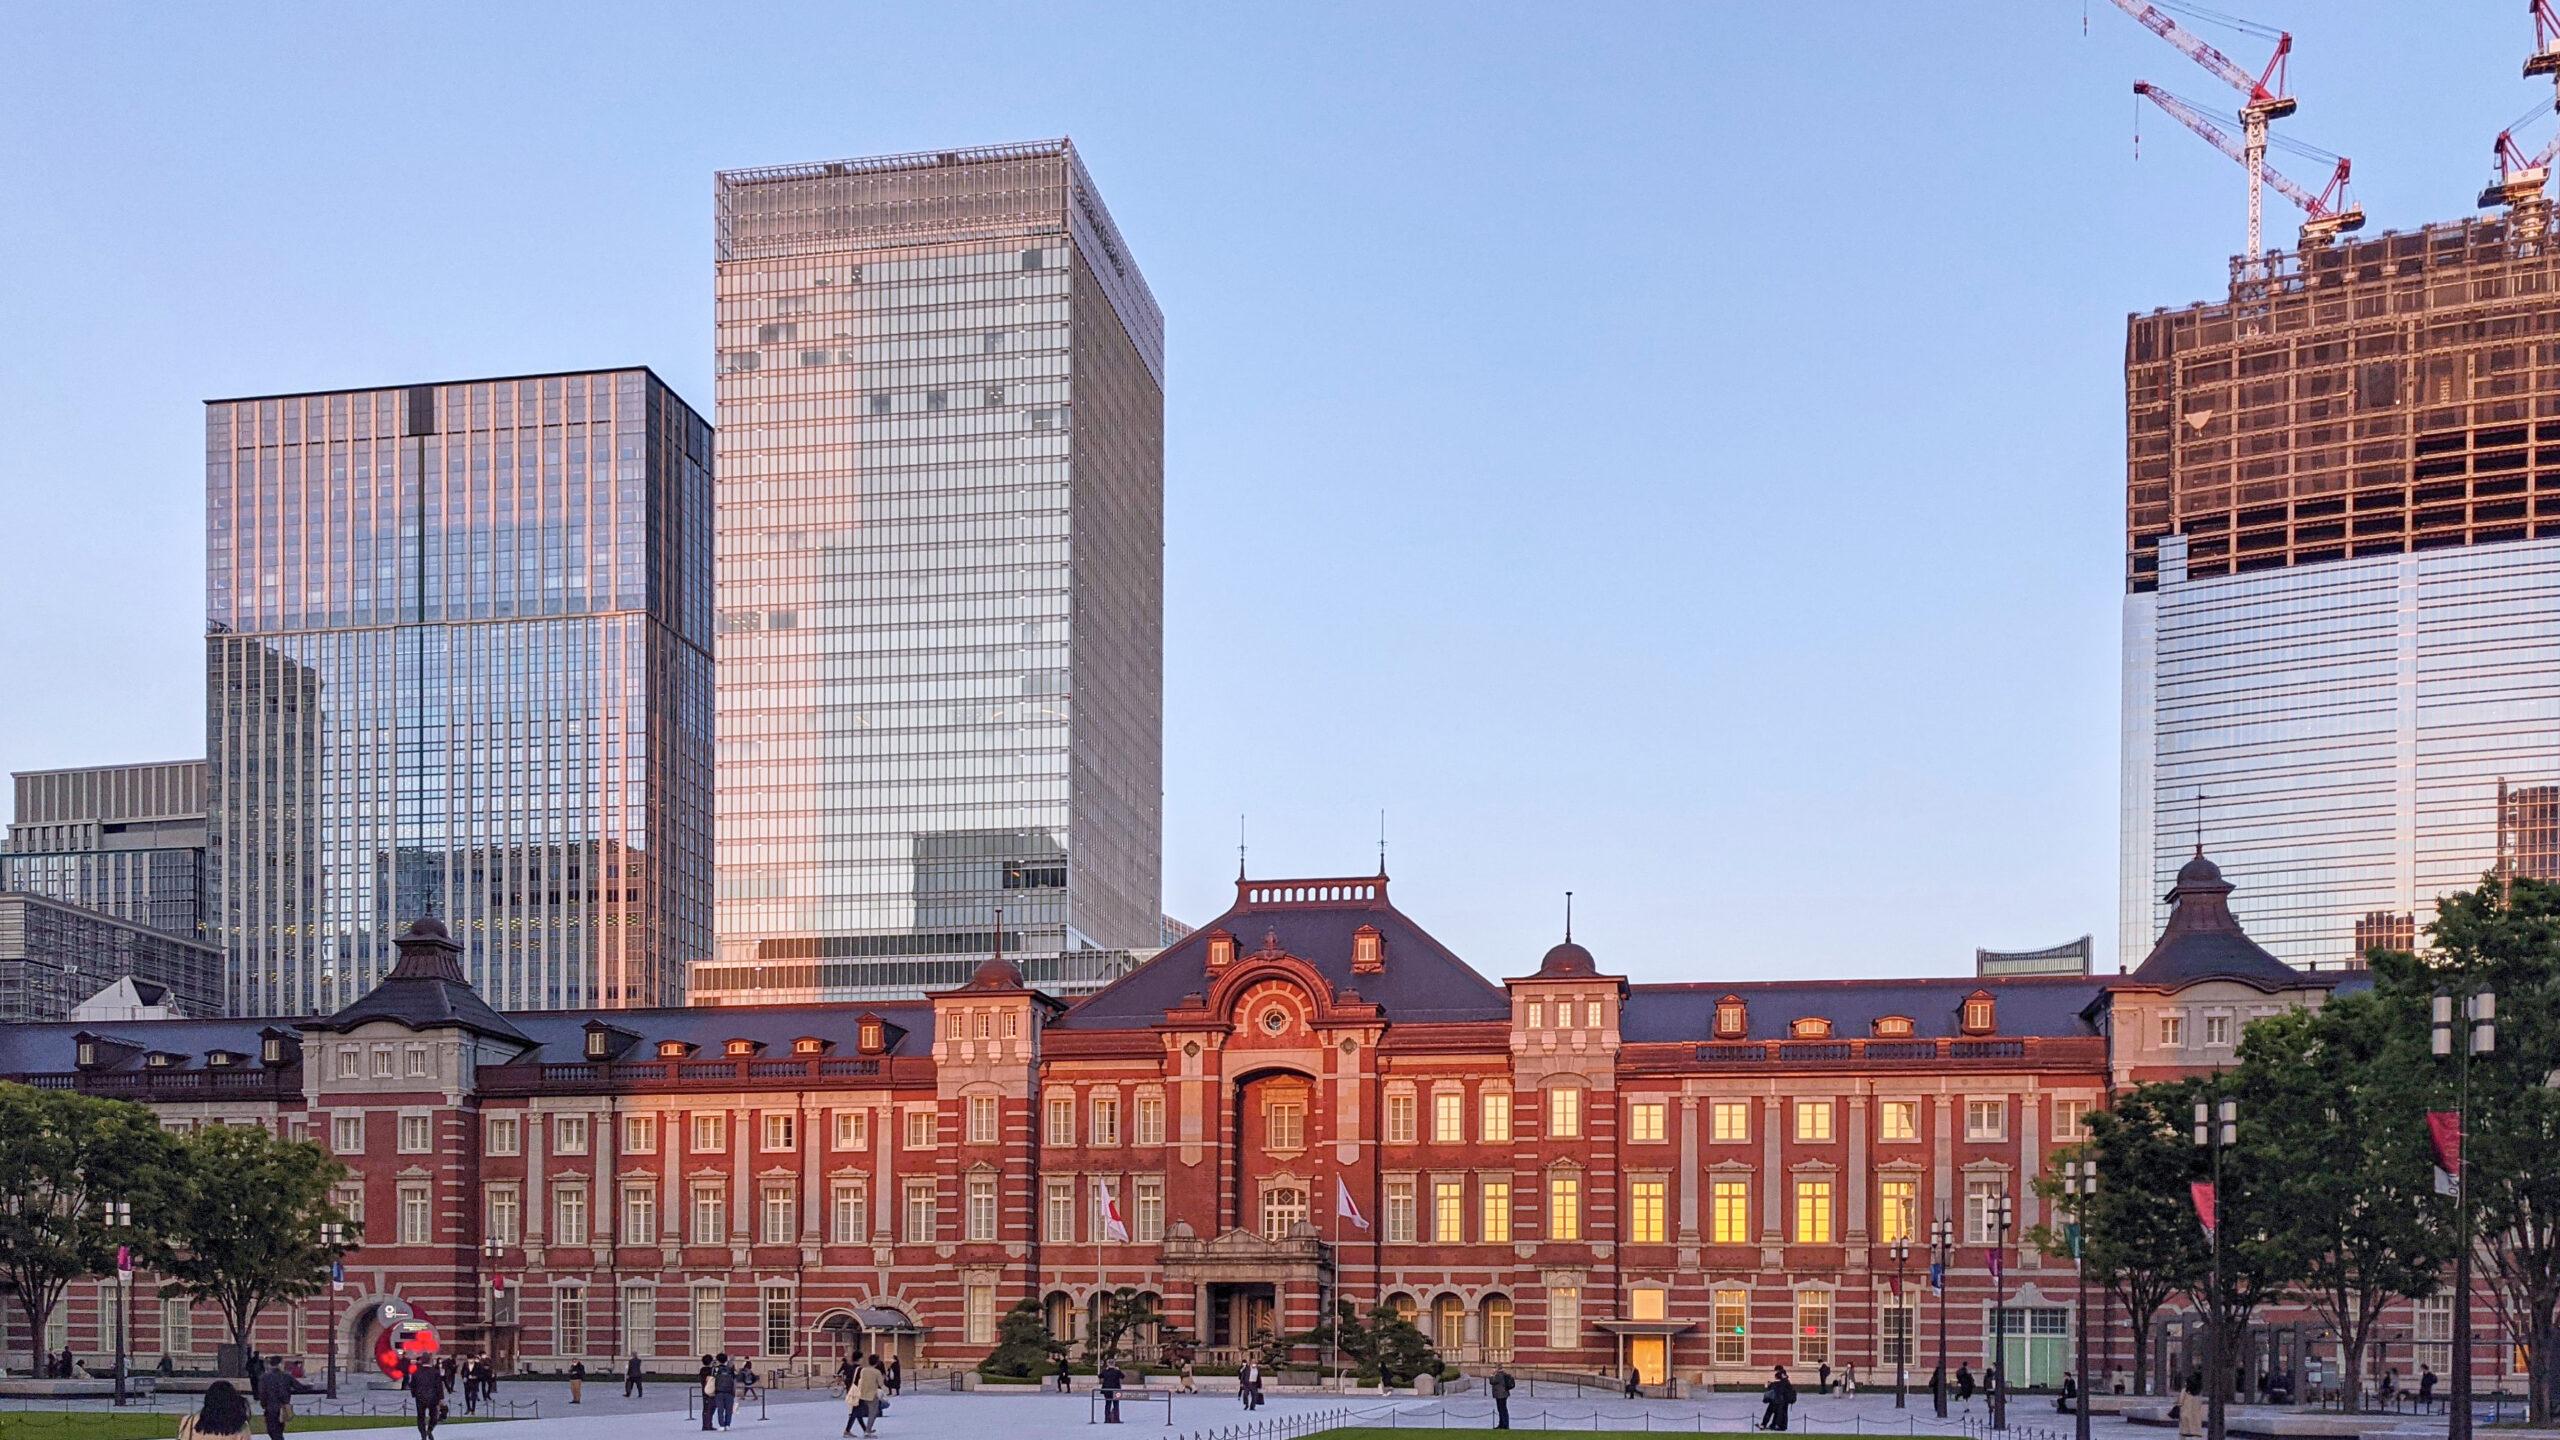 サン・サーベイヤー,SunSurveyor,使い方,東京駅